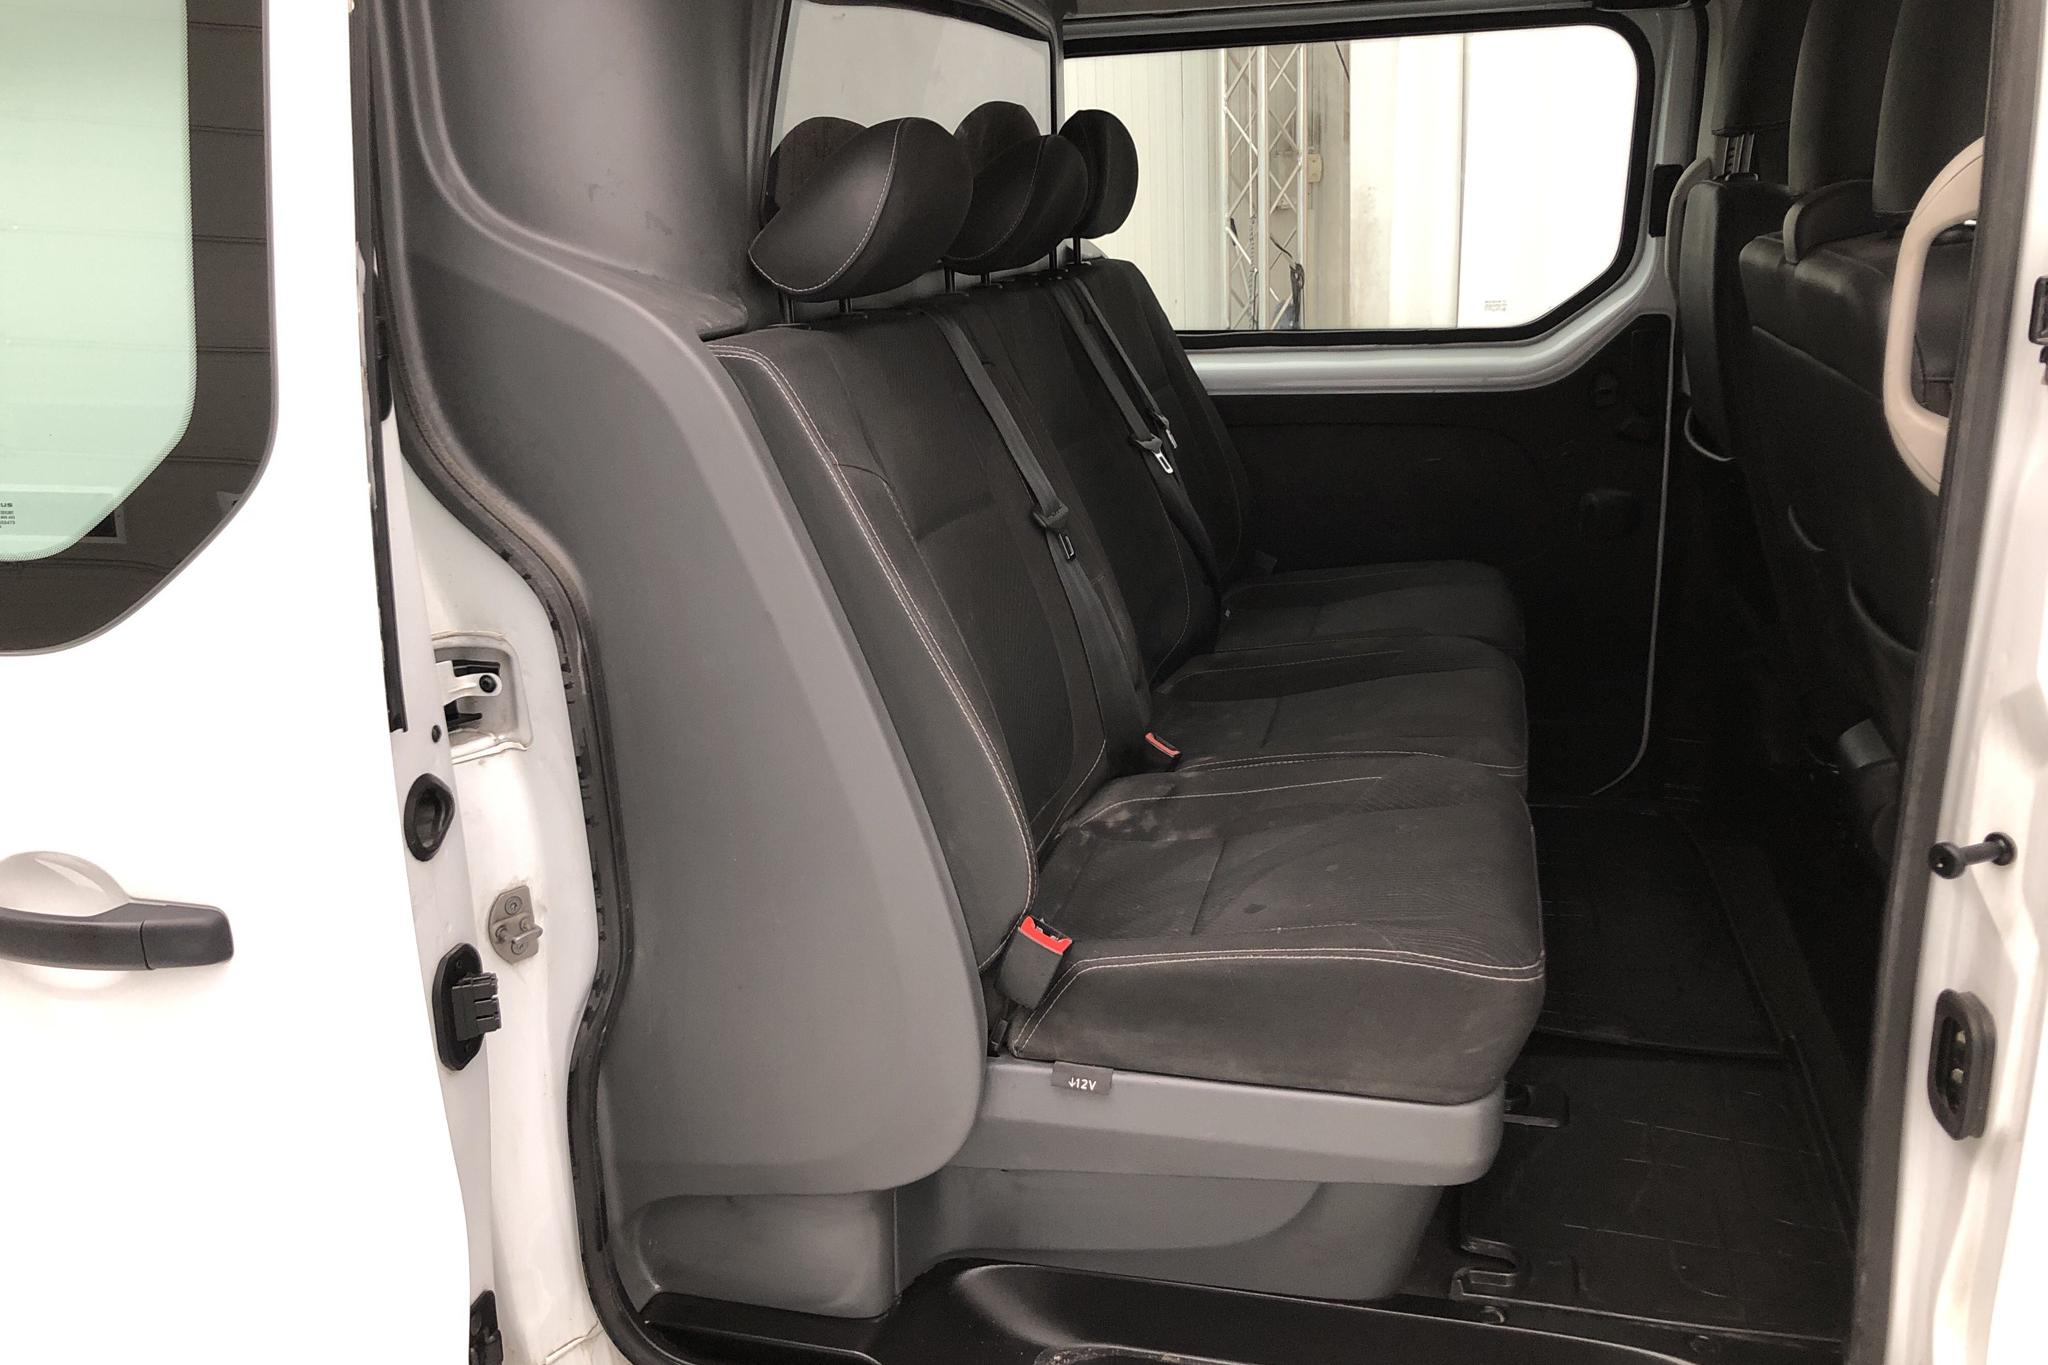 Nissan NV300 1.6 dCi (145hk) - 0 km - Manual - white - 2018